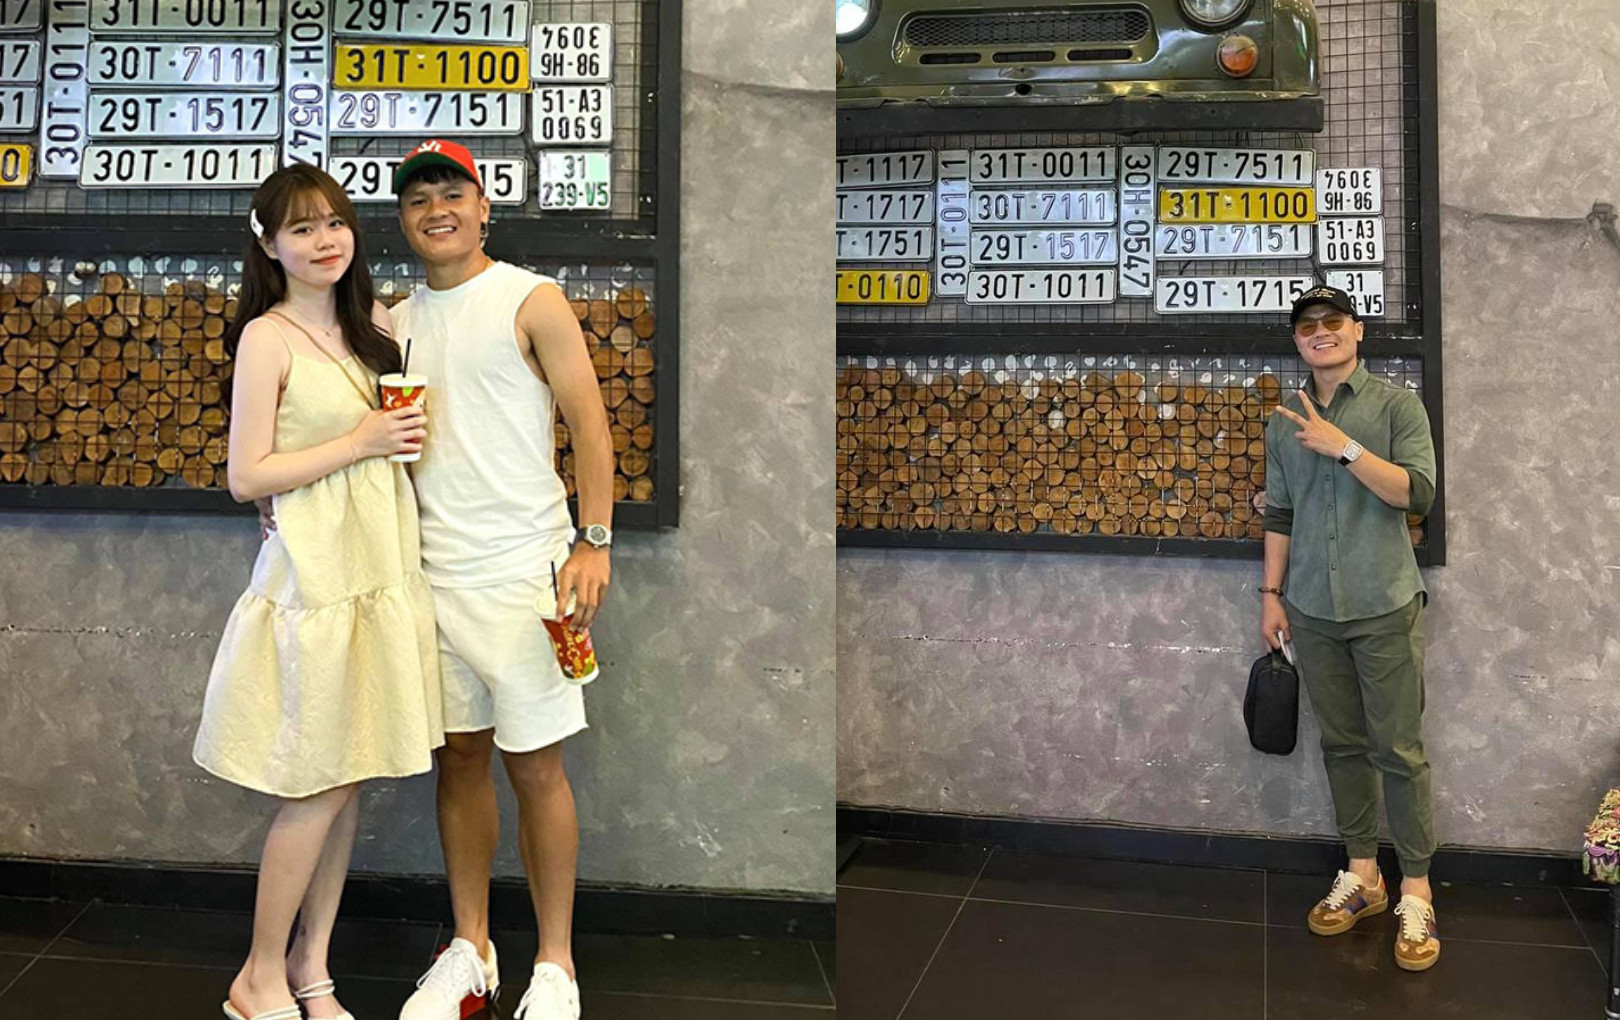 Đăng ảnh có liên quan đến tình cũ Huỳnh Anh, Quang Hải bất ngờ được dân tình khen ngợi khi so sánh với Sơn Tùng